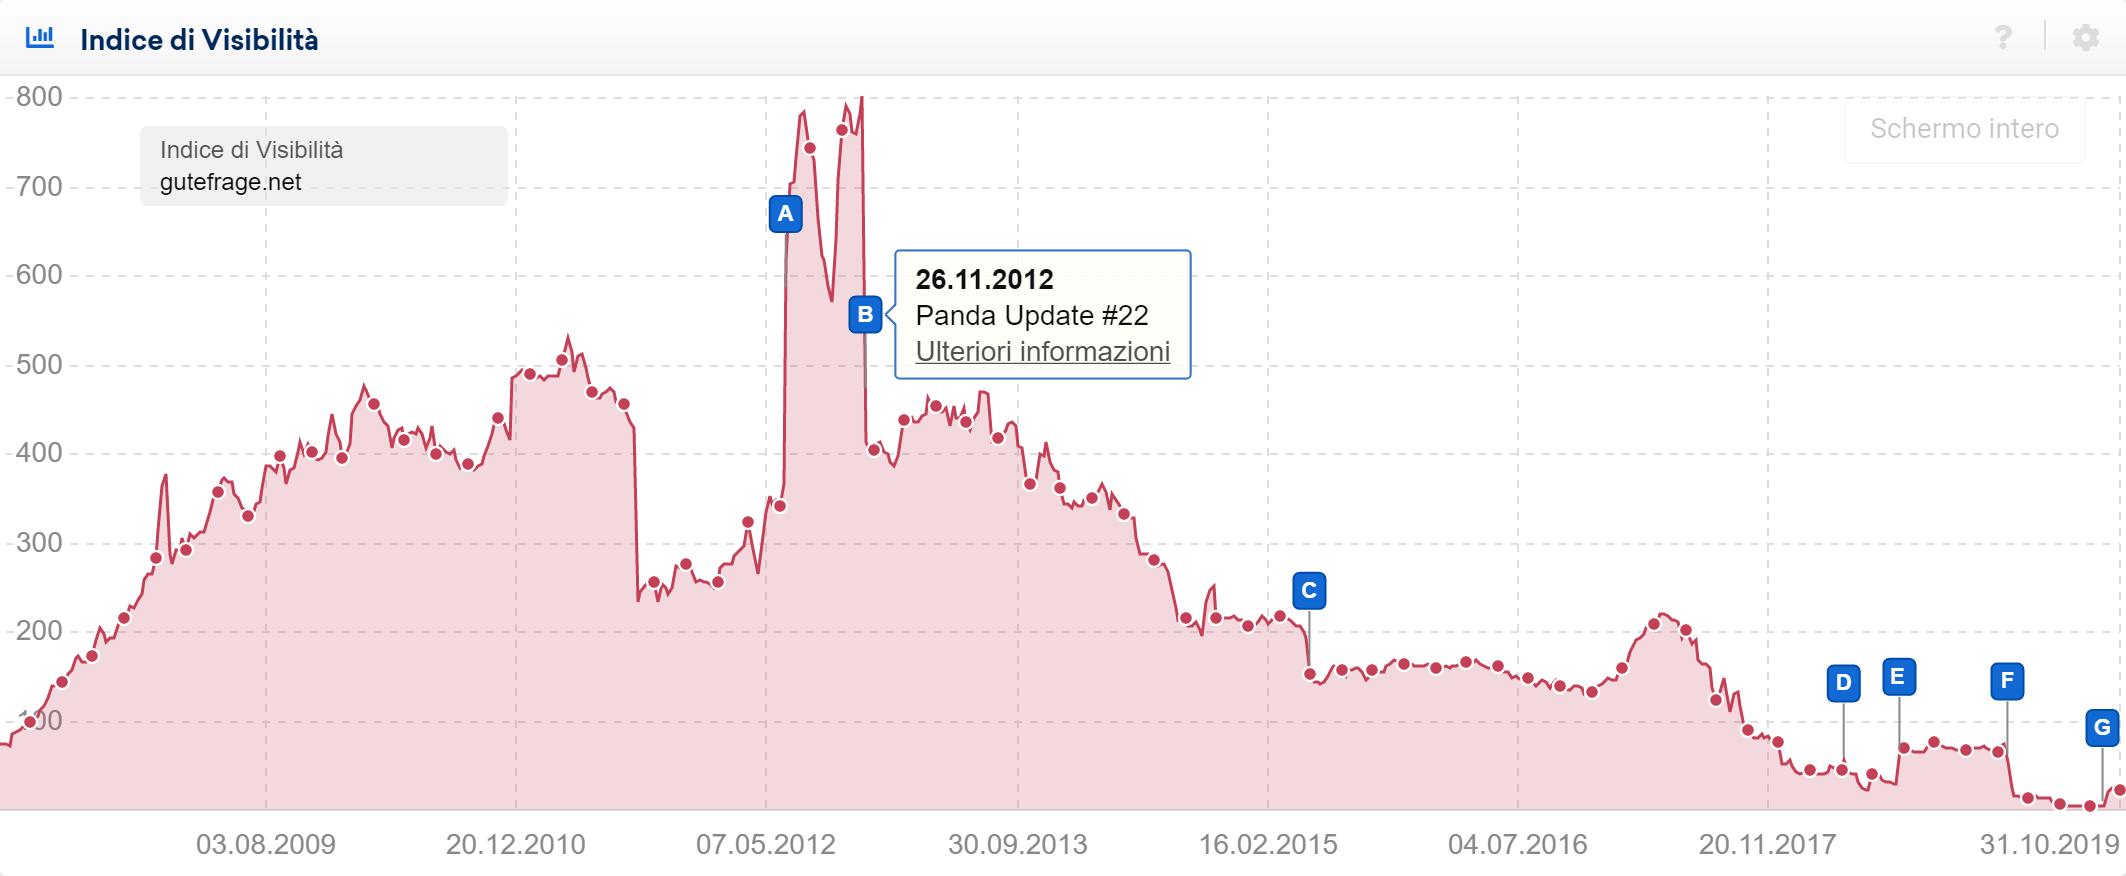 Toolbox SISTRIX: Panda Update nell'Indice di Visibilità di gutefrage.net